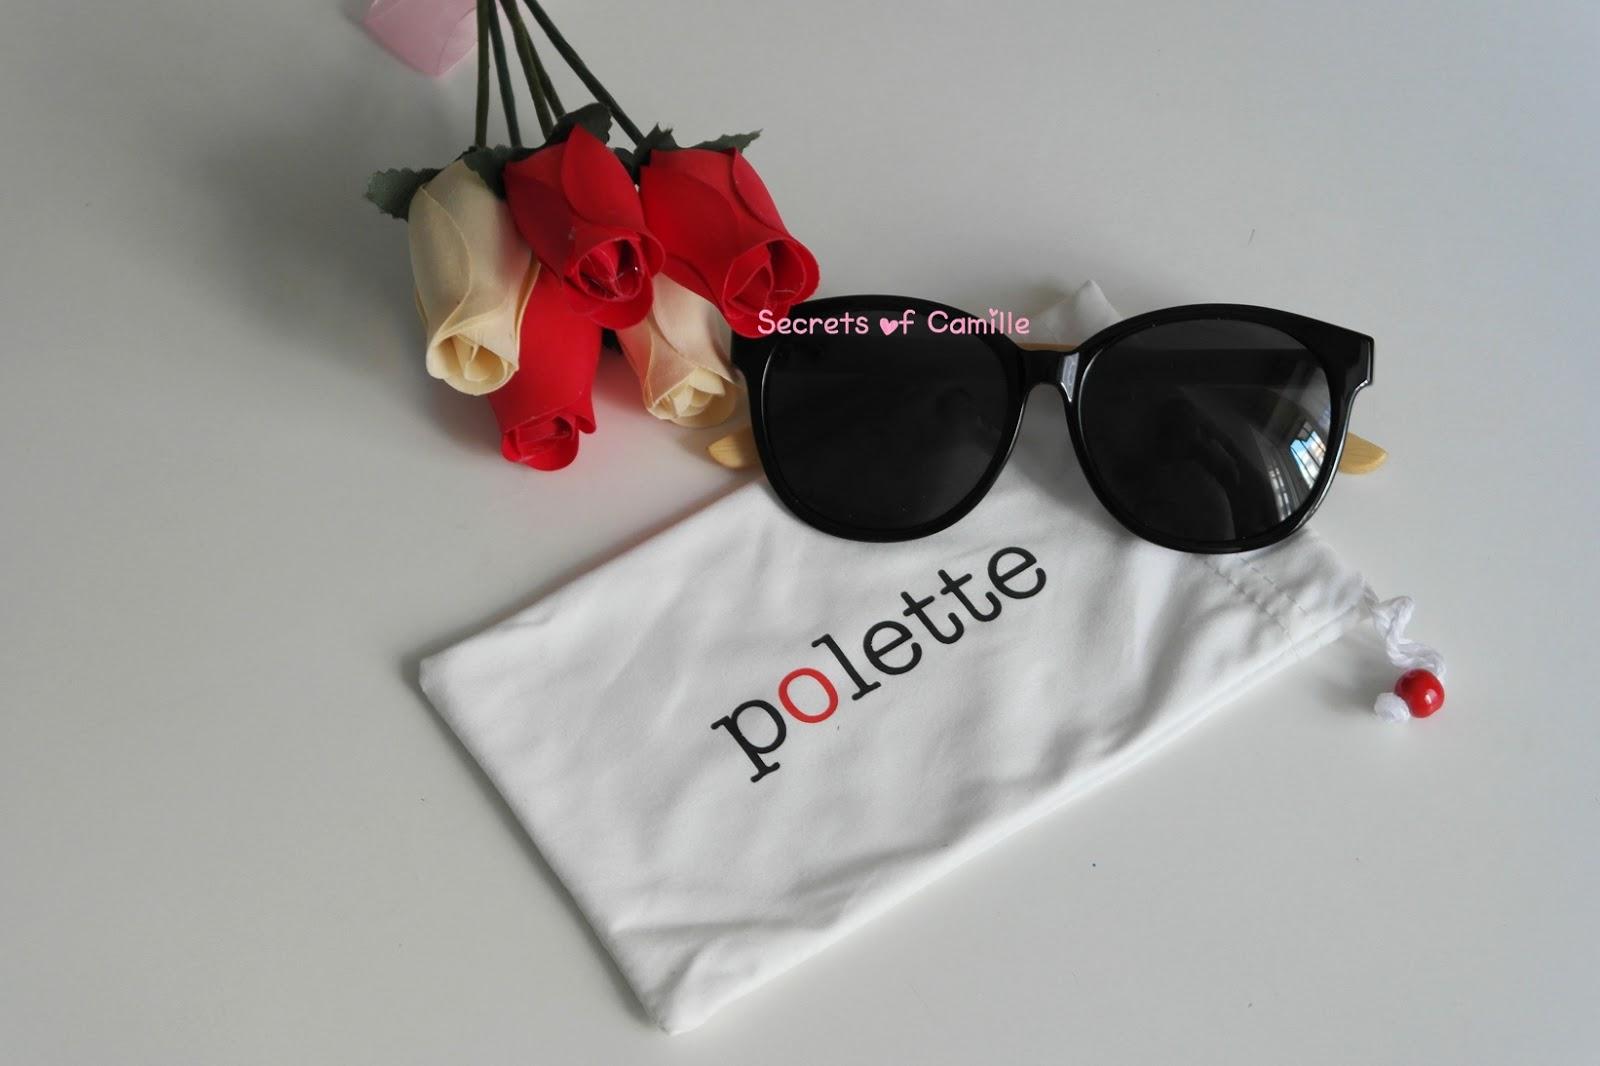 5689a399a2 Vorrei condividervi la mia recensione di un paio di occhiali da sole che ho  ricevuto da Polette tramite il giveaway da Chic on the Cheap.